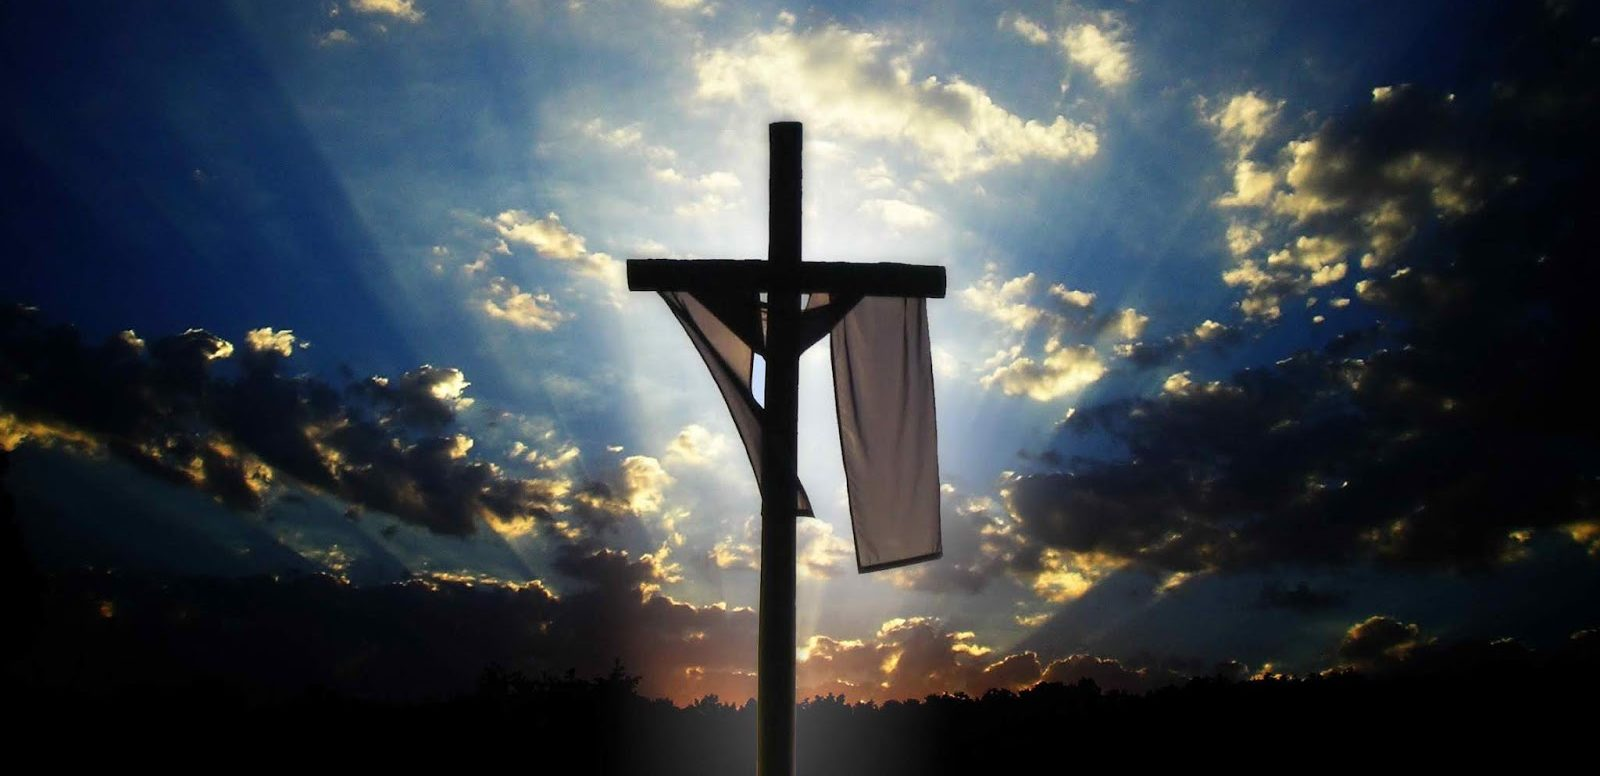 Σταυρός Ανάσταση